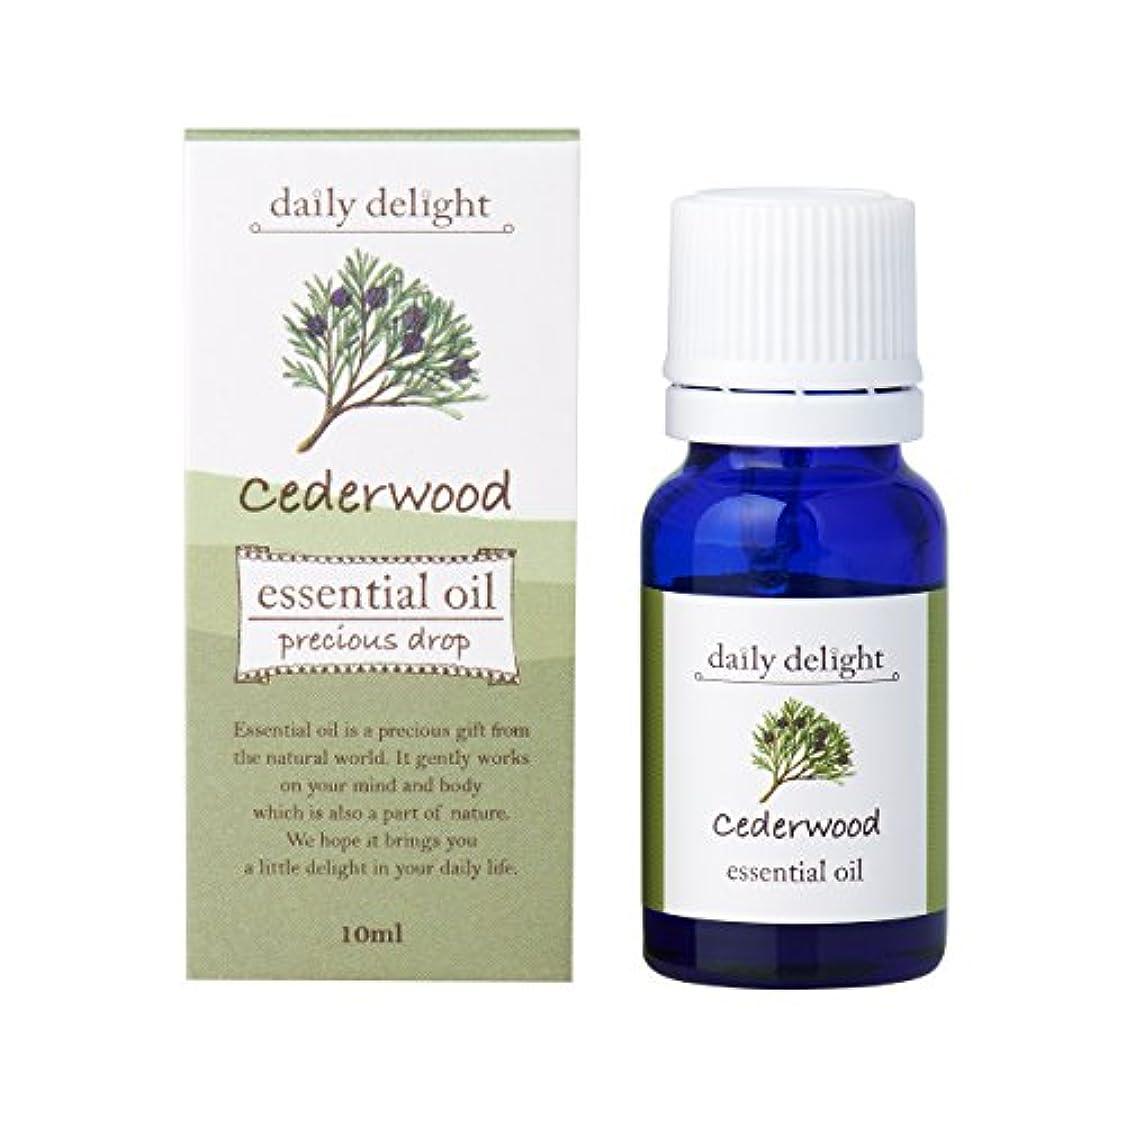 体細胞ペグ常識デイリーディライト エッセンシャルオイル シダーウッド 10ml(天然100% 精油 アロマ 樹木系 温かみのあるやさしい木の香り)